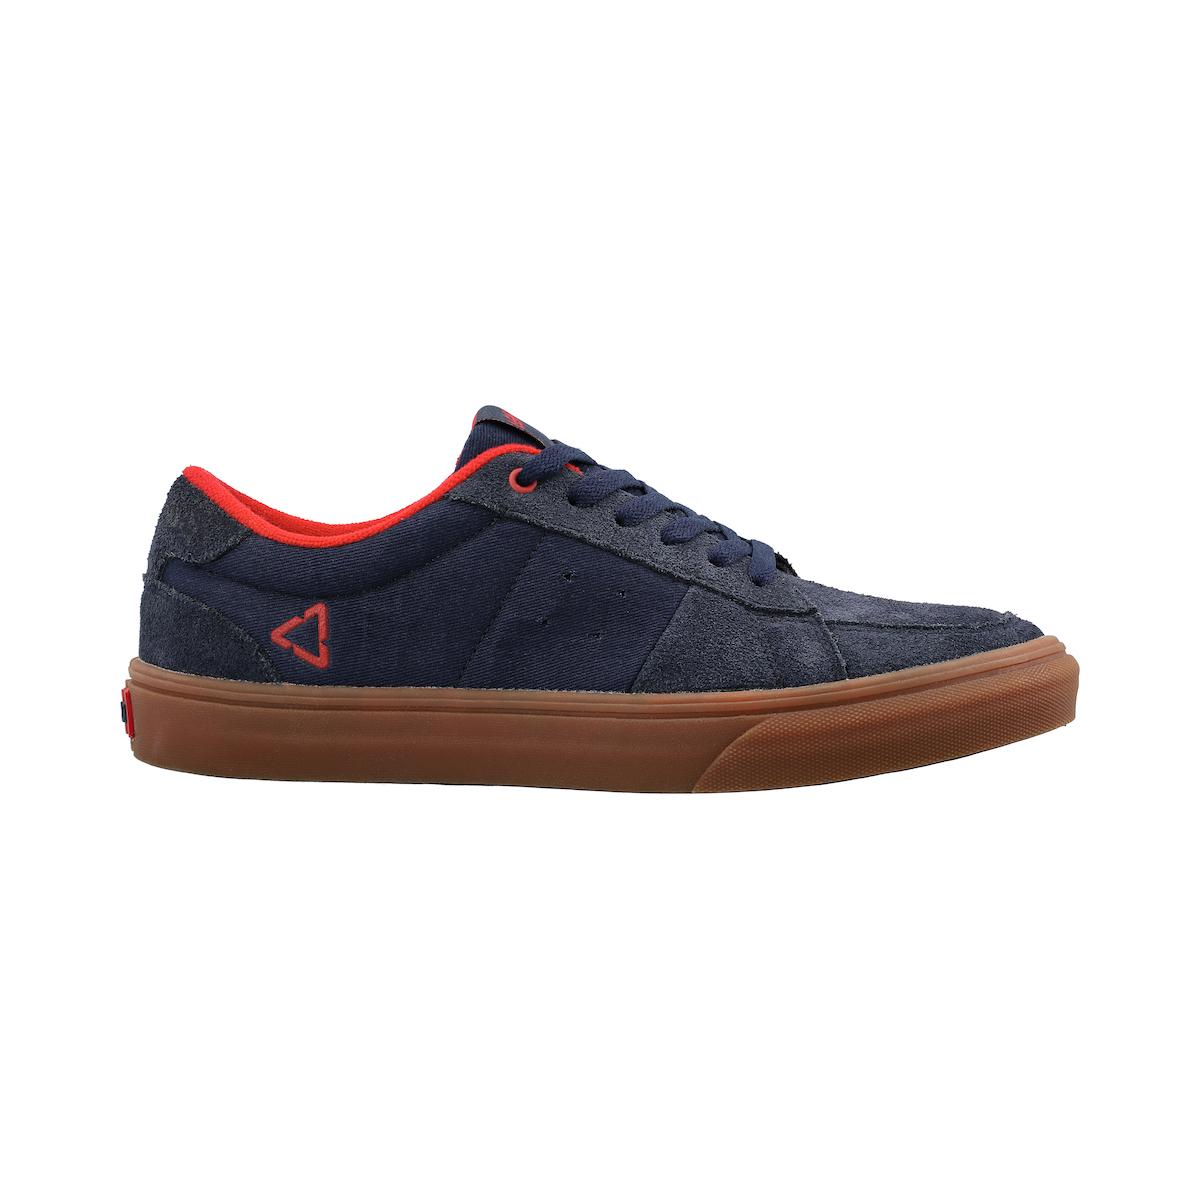 Leatt Flat Shoes 1.0